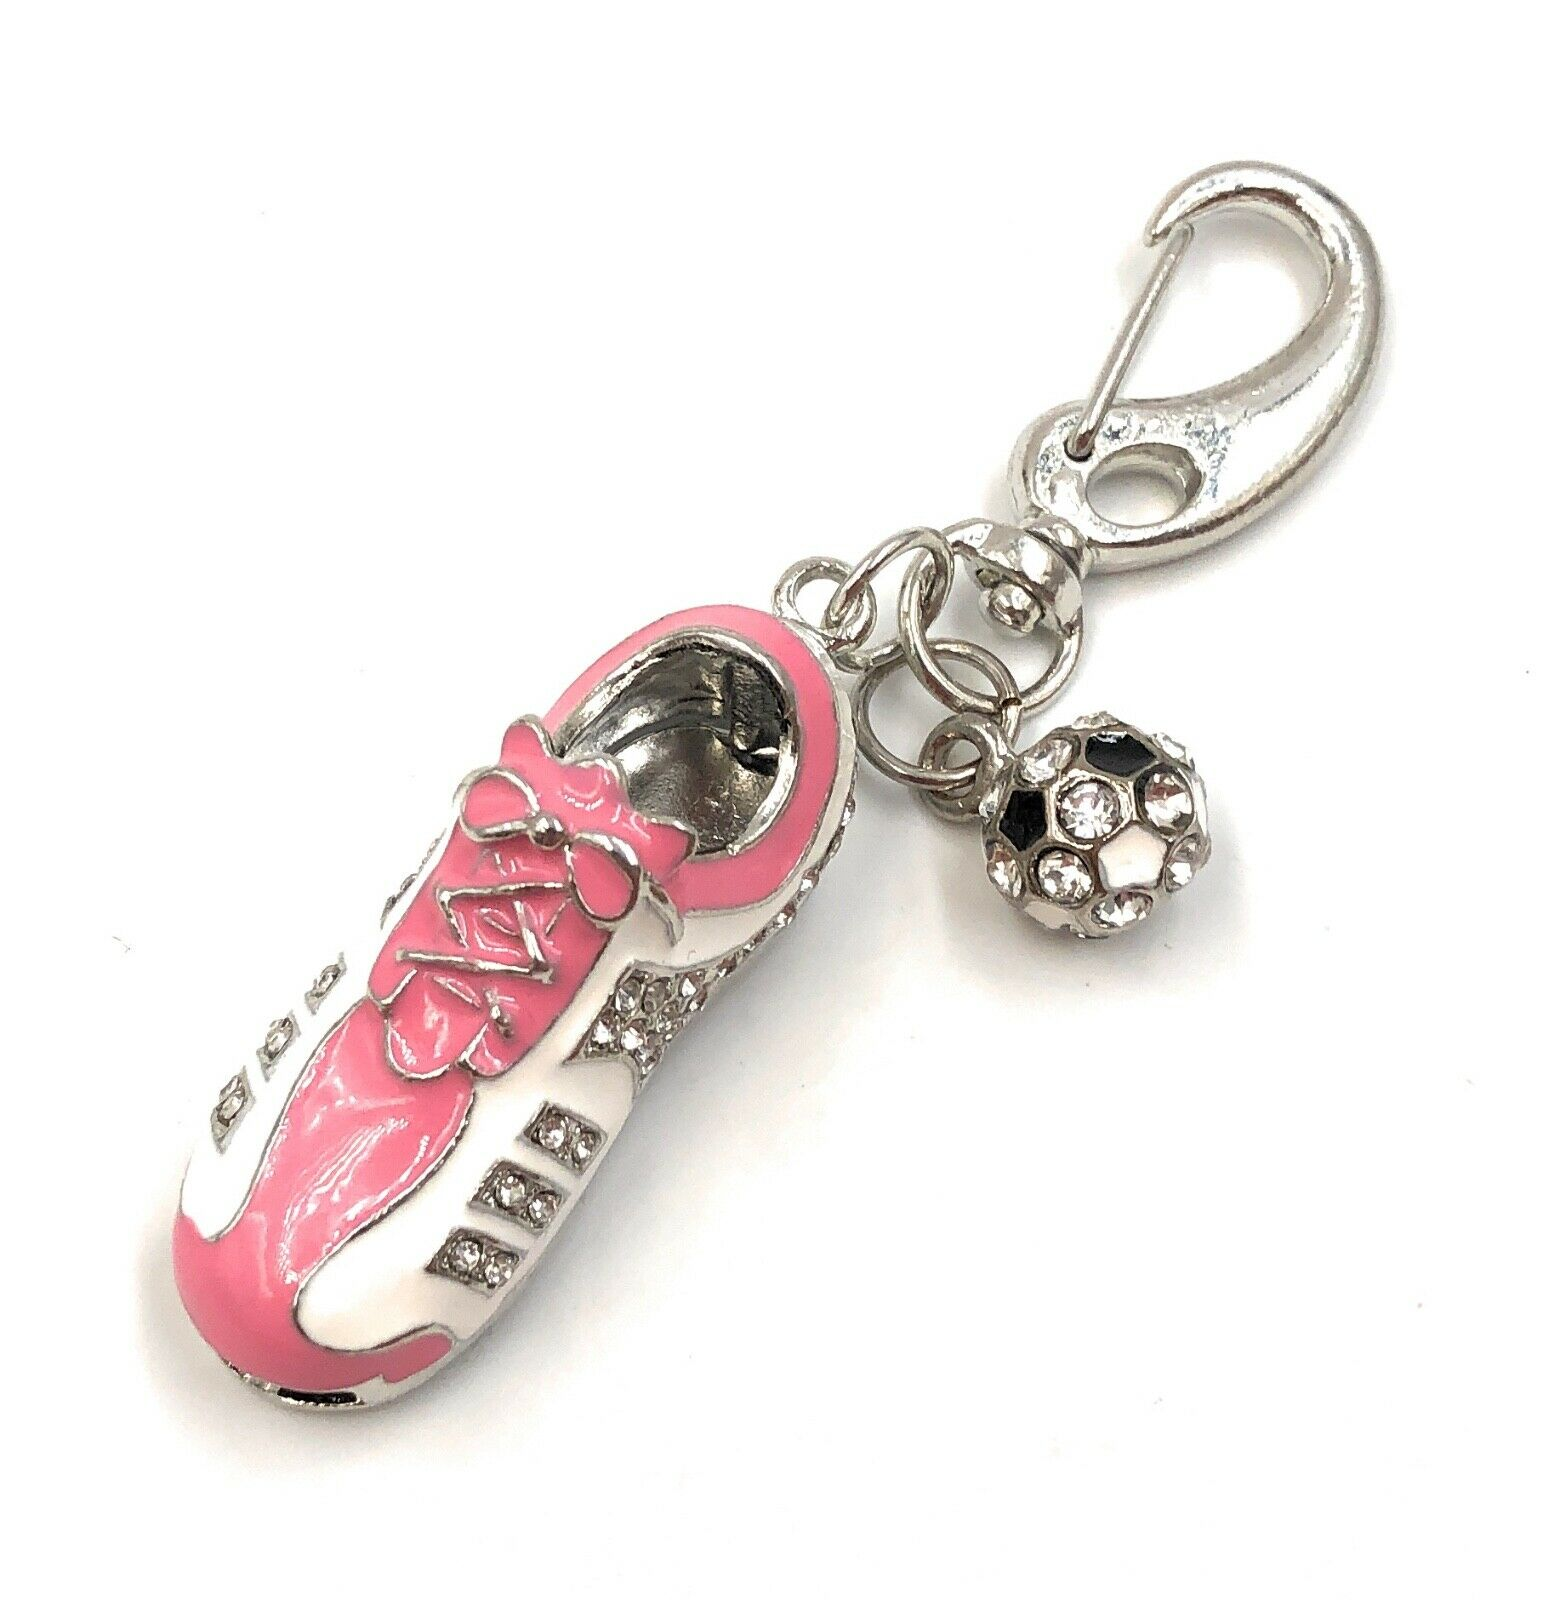 Fussball Schuhe Schuh Rosa Damen Funny USB Stick div Kapazitäten